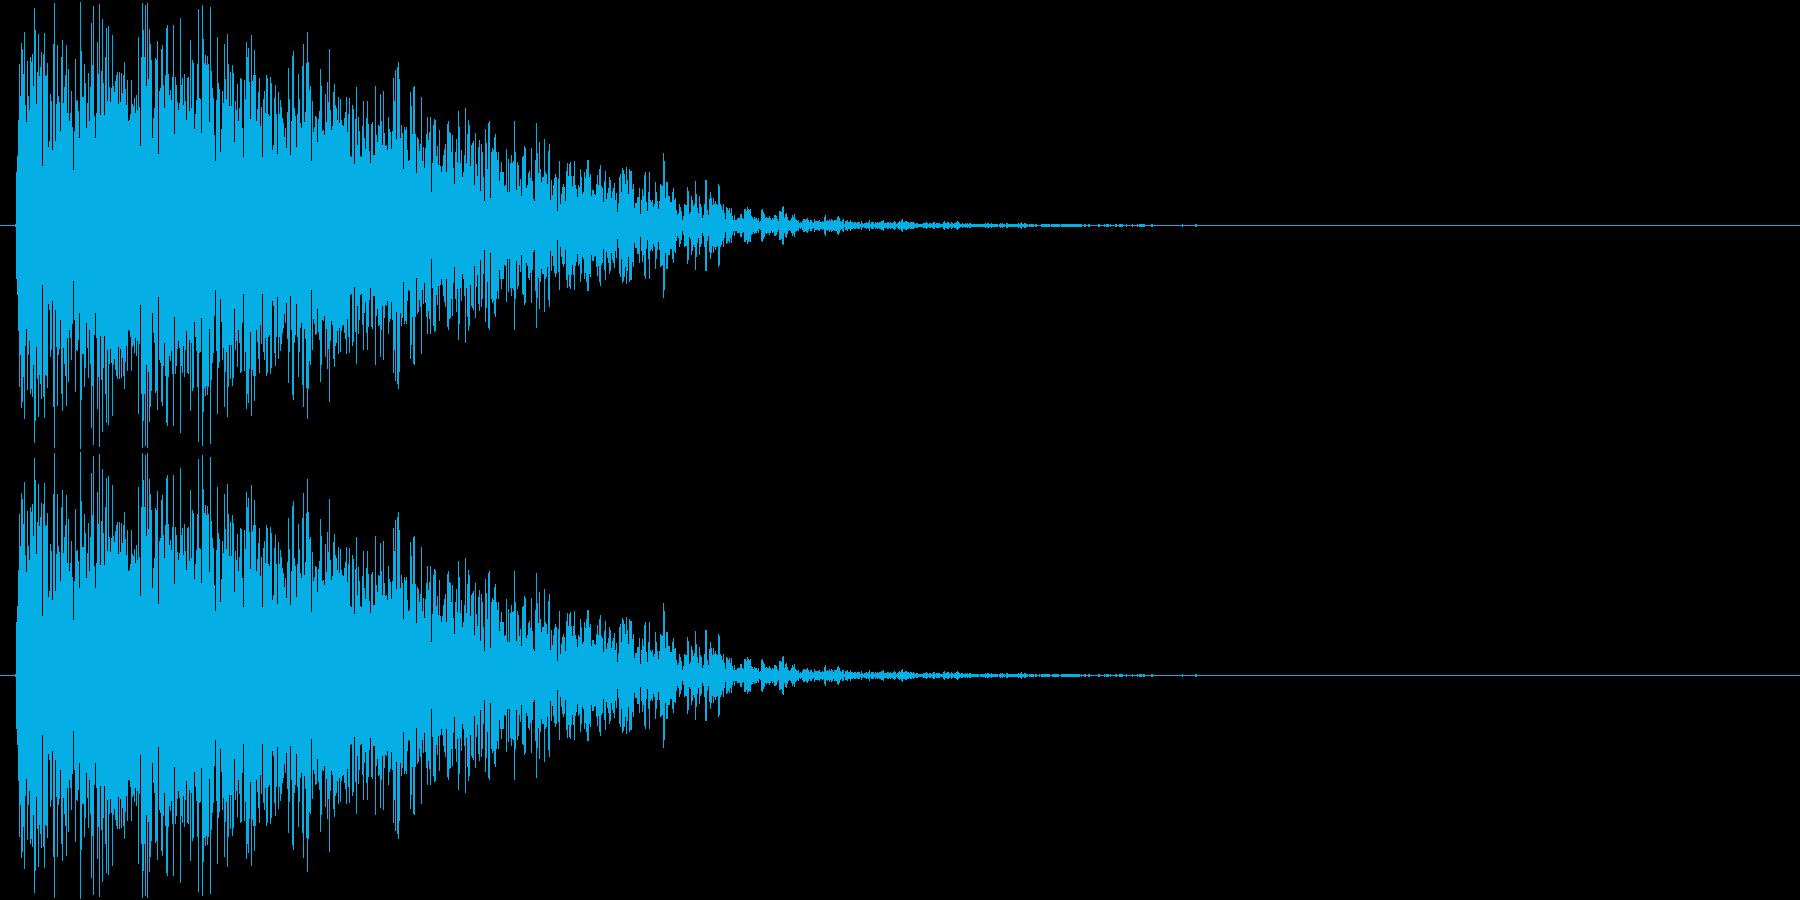 ボボボボーン(着弾、爆発、複数)の再生済みの波形